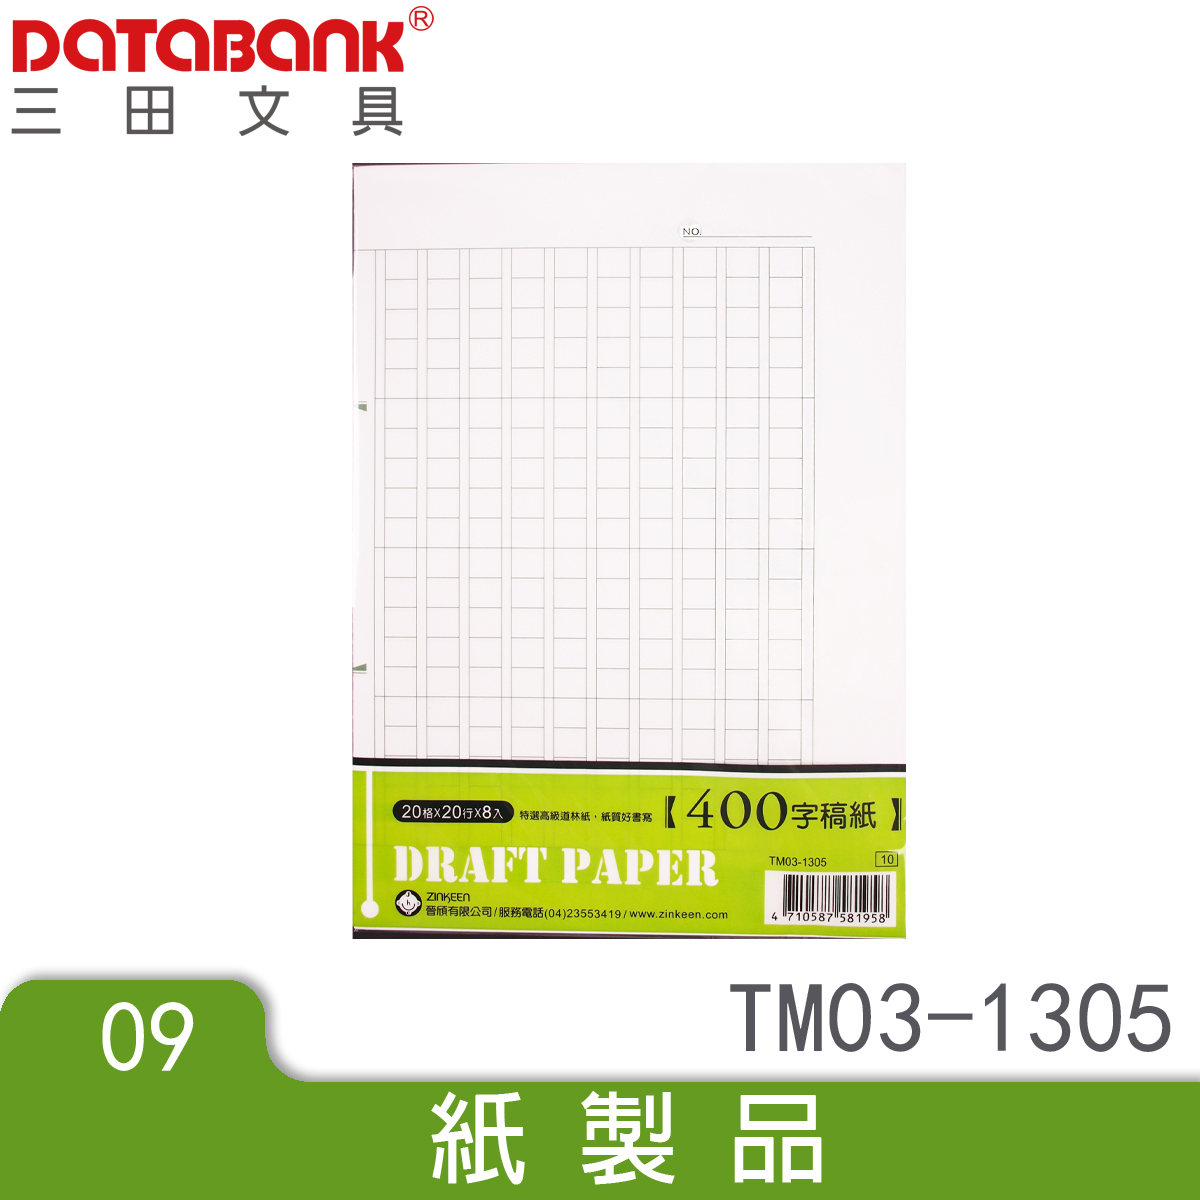 400字8頁稿紙TM03-1305實用筆記用紙手札手冊記事本文件紀錄紙三田文具DATABANK